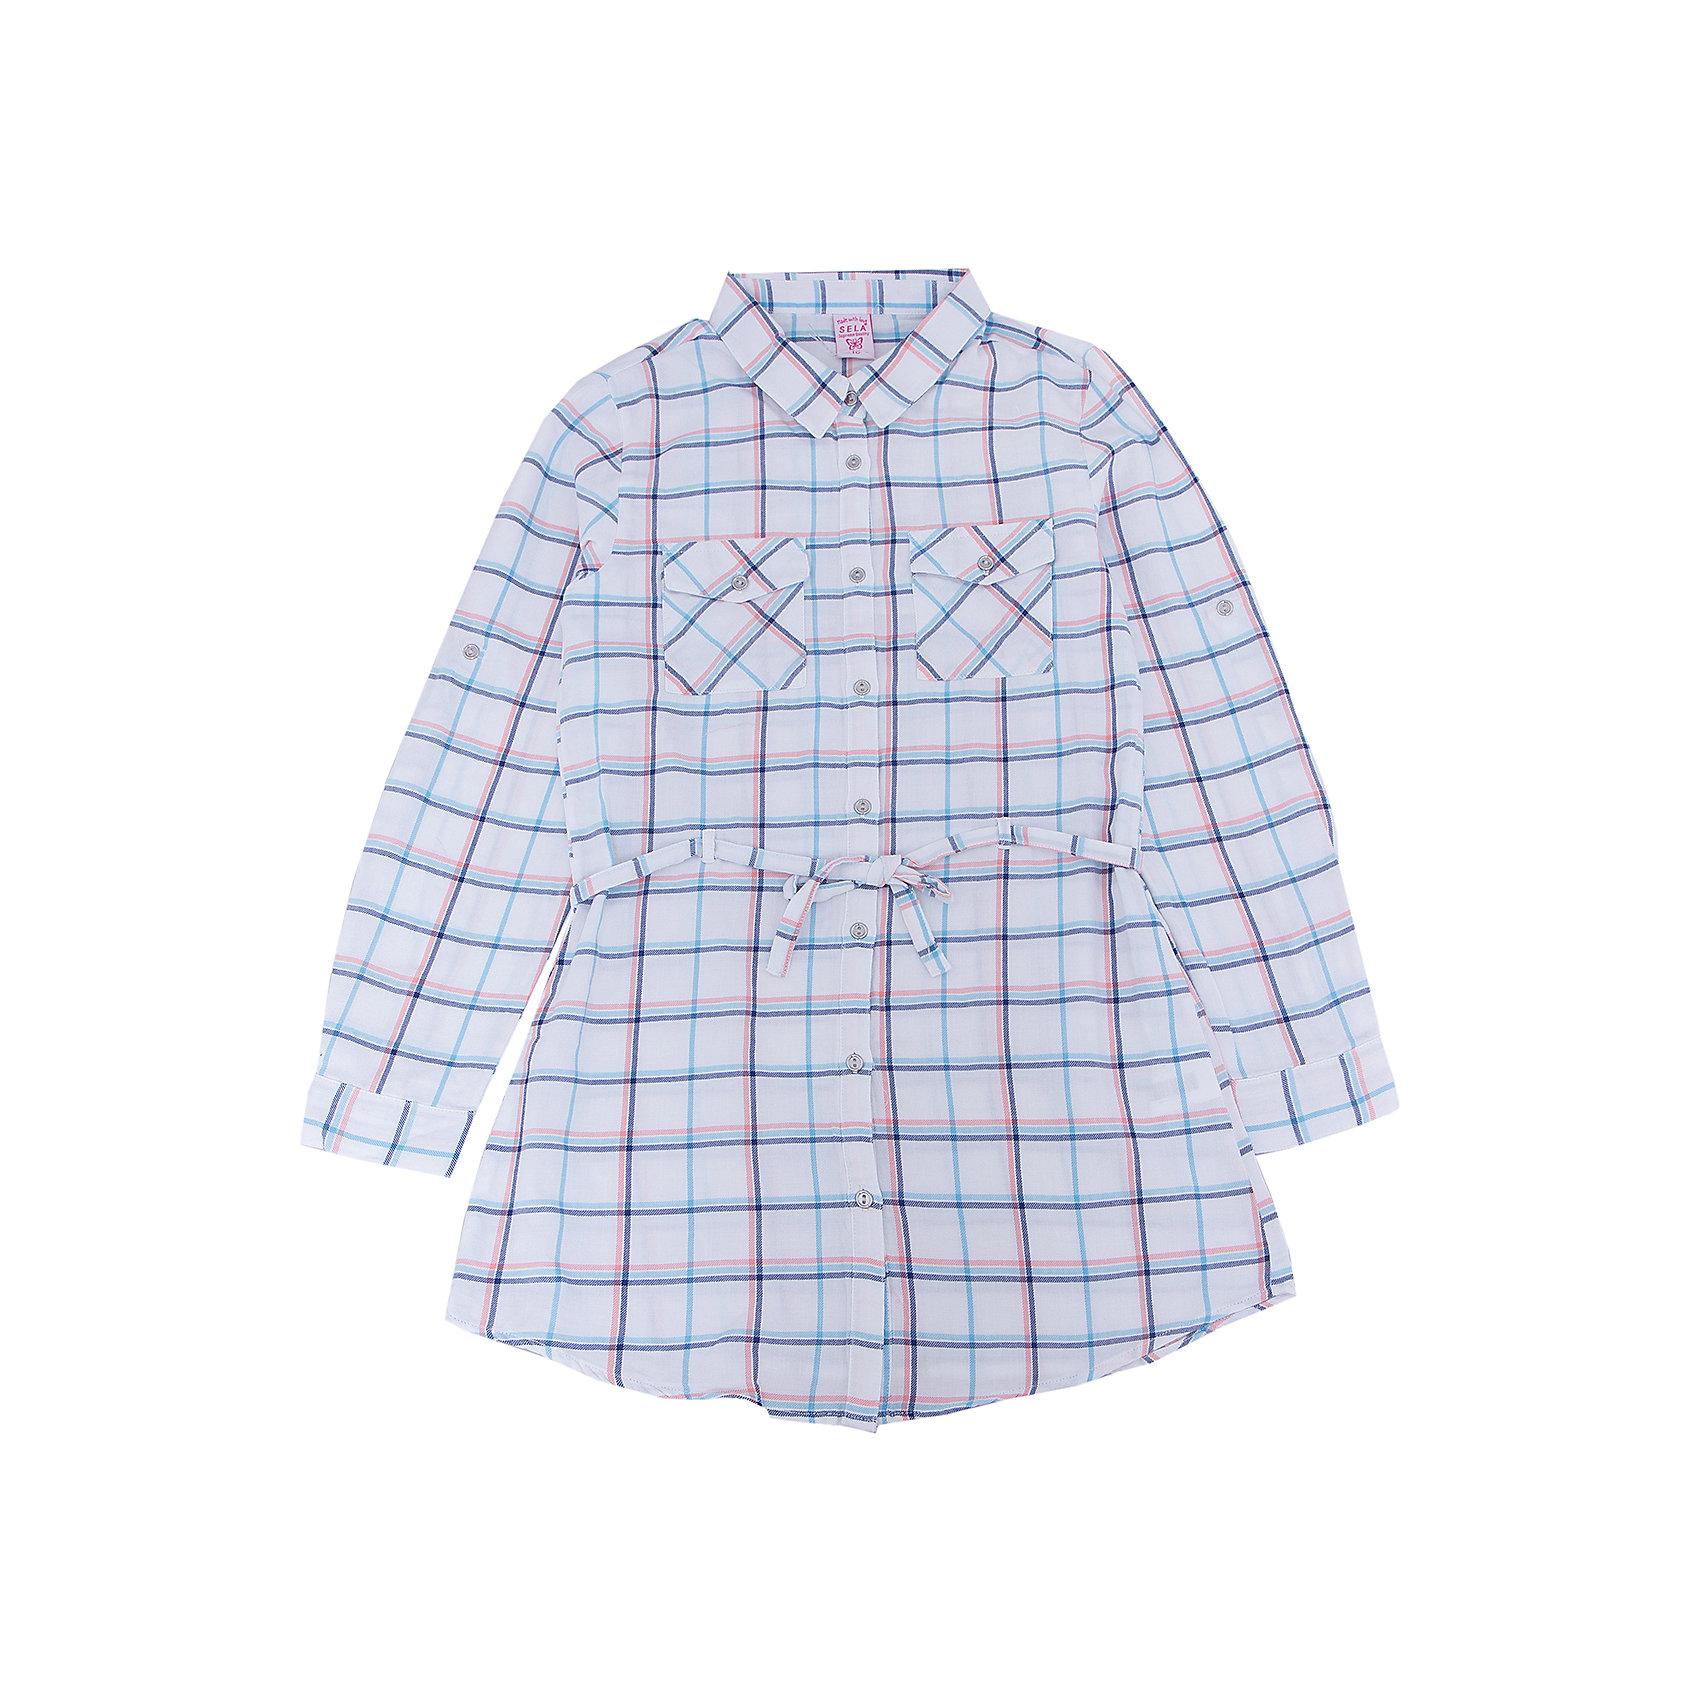 Блуза для девочки SELAБлузки и рубашки<br>Характеристики товара:<br><br>• цвет: белый<br>• состав: 100% хлопок<br>• в клетку<br>• приталенная<br>• карманы<br>• длинные рукава<br>• отложной воротник<br>• коллекция весна-лето 2017<br>• страна бренда: Российская Федерация<br><br>В новой коллекции SELA отличные модели одежды! Эта блуза для девочки поможет разнообразить гардероб ребенка и обеспечить комфорт. Она отлично сочетается с юбками и брюками. Стильная и удобная вещь!<br><br>Одежда, обувь и аксессуары от российского бренда SELA не зря пользуются большой популярностью у детей и взрослых! Модели этой марки - стильные и удобные, цена при этом неизменно остается доступной. Для их производства используются только безопасные, качественные материалы и фурнитура. Новая коллекция поддерживает хорошие традиции бренда! <br><br>Блузу для девочки от популярного бренда SELA (СЕЛА) можно купить в нашем интернет-магазине.<br><br>Ширина мм: 186<br>Глубина мм: 87<br>Высота мм: 198<br>Вес г: 197<br>Цвет: белый<br>Возраст от месяцев: 96<br>Возраст до месяцев: 108<br>Пол: Женский<br>Возраст: Детский<br>Размер: 146,152,122,128,134,140<br>SKU: 5306951